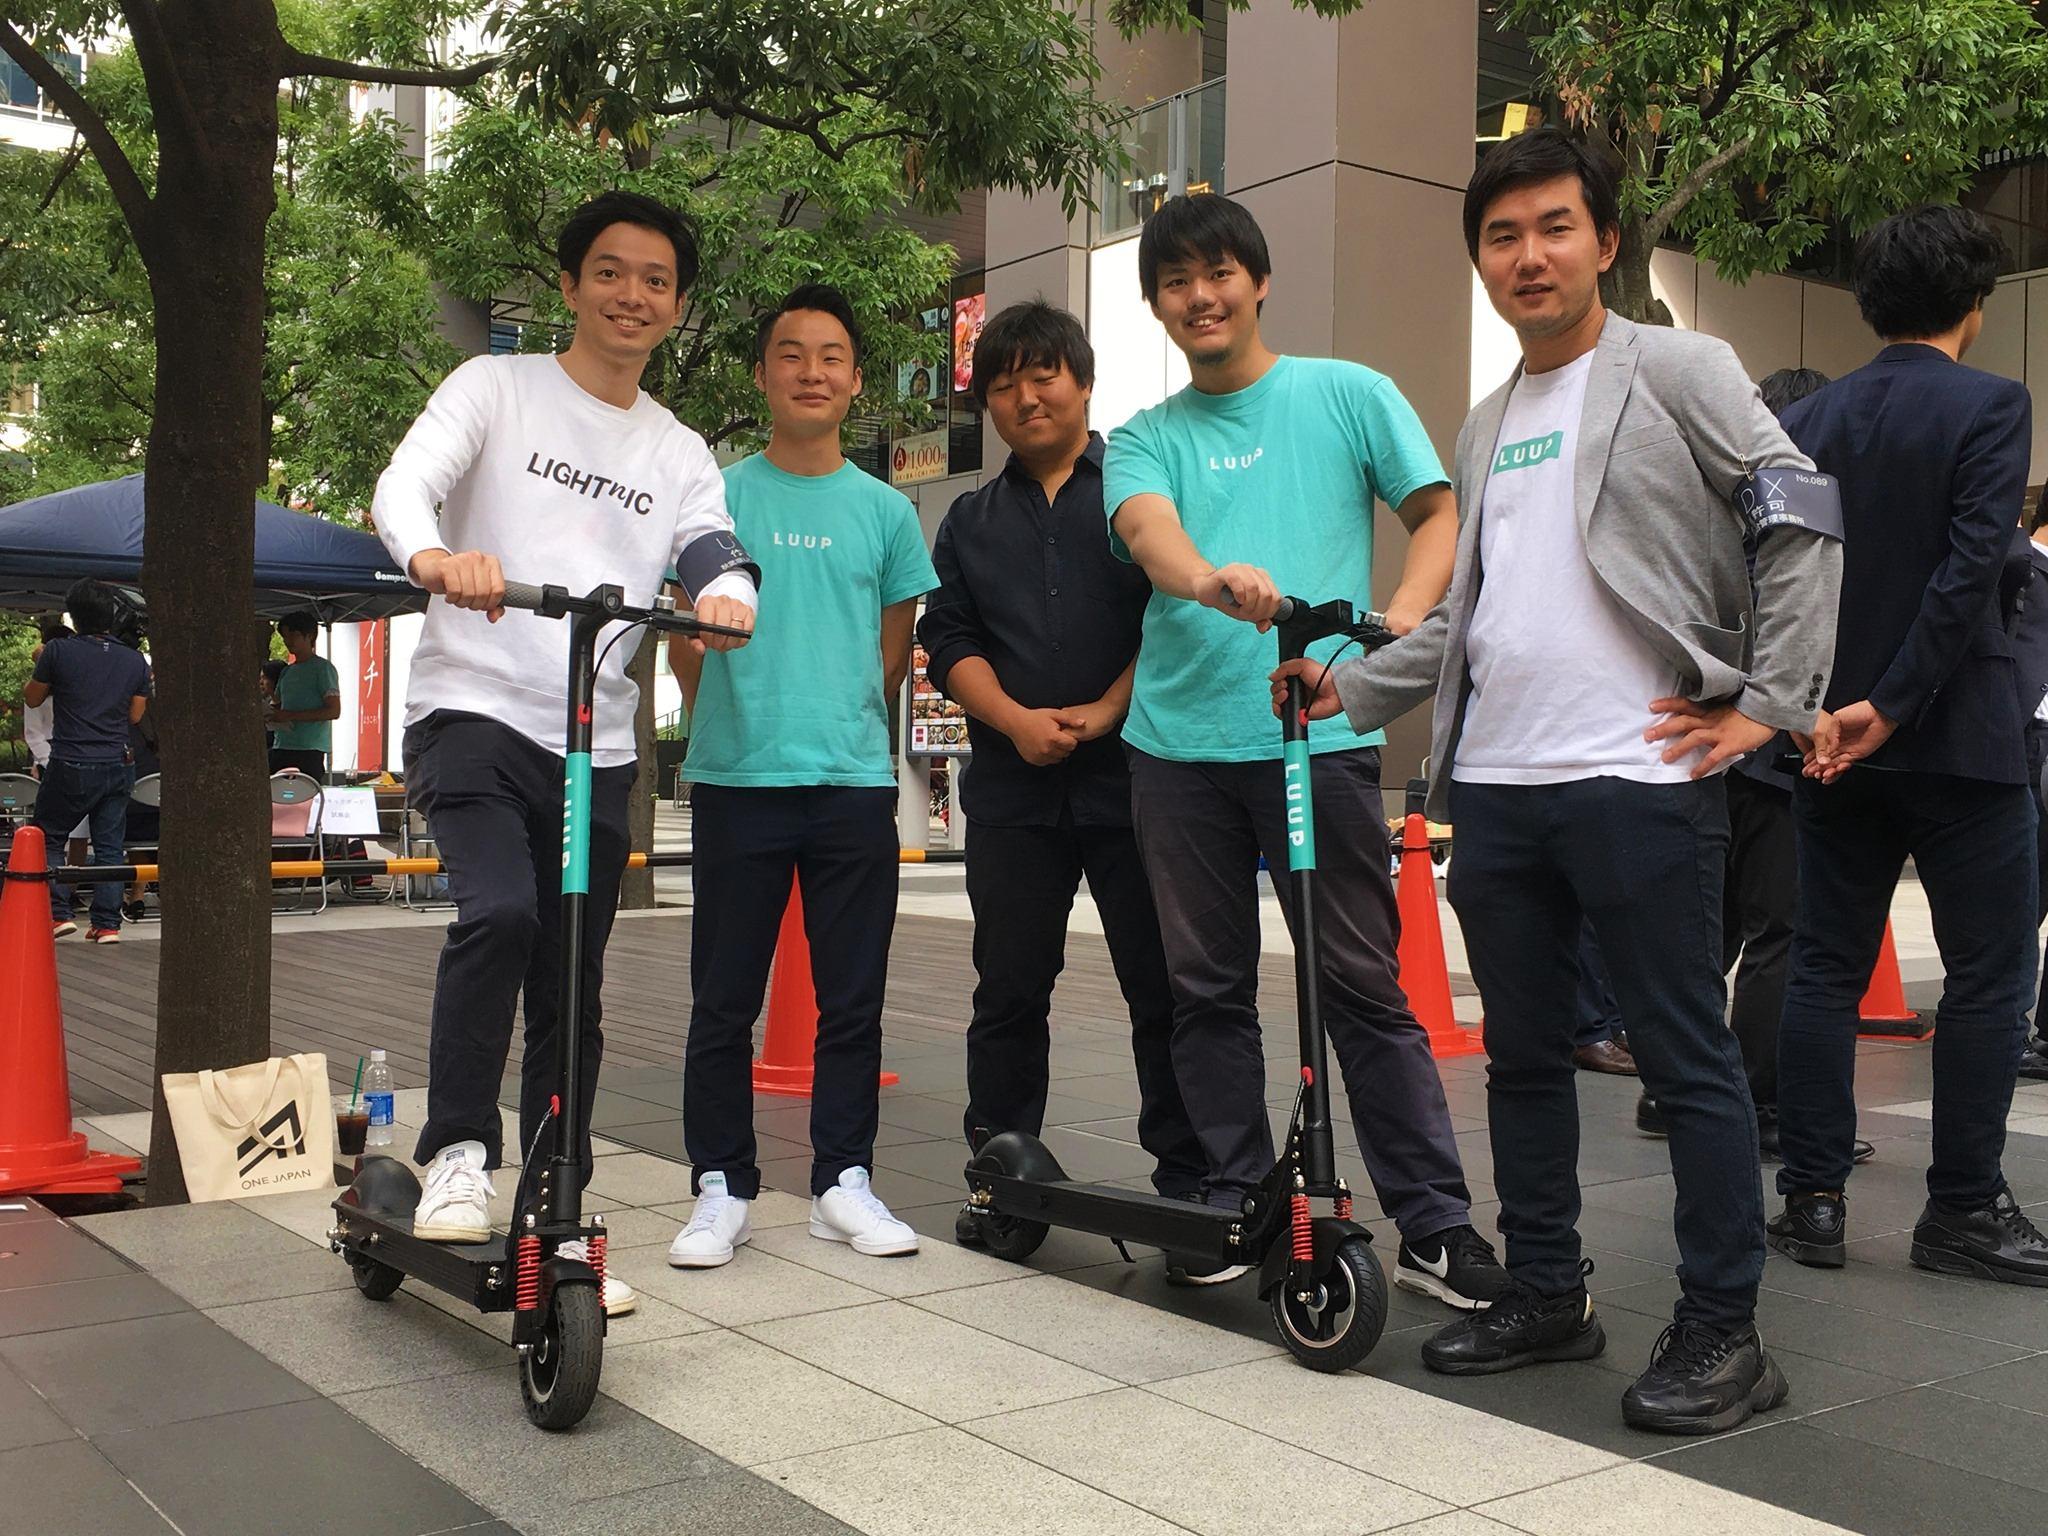 NTT東日本×Luup | 新たなモビリティの社会実装に向けた電動キックボードの試乗会を開催